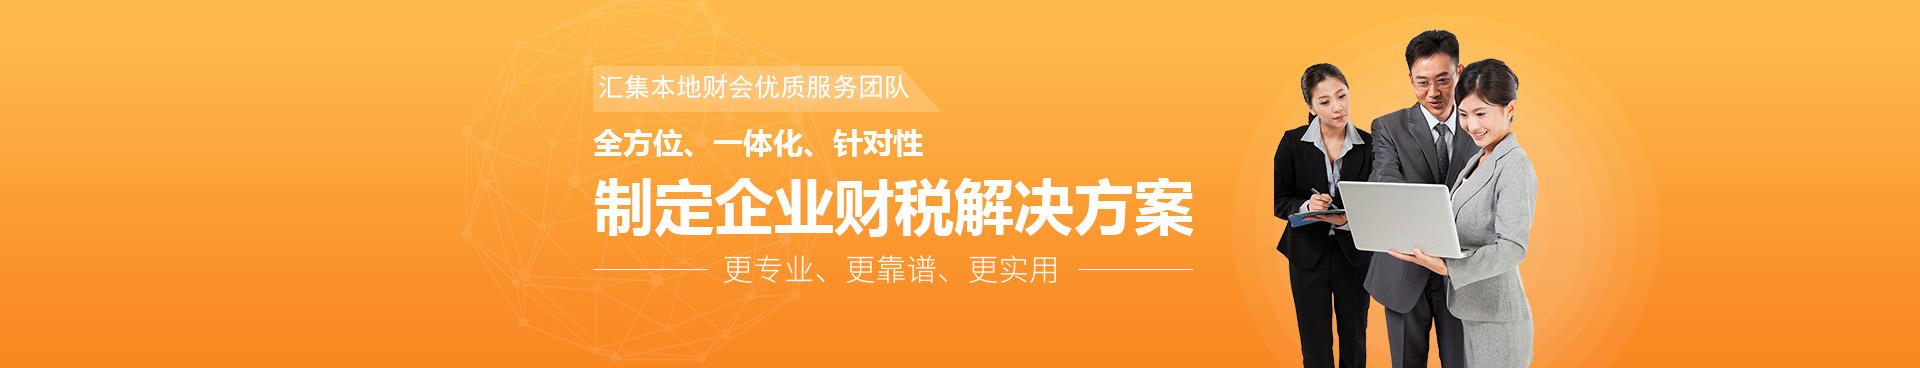 昆(kun)明專(zhuan)業(ye)代理記賬哪家好(hao)選(xuan) 弘財(cai)務省心